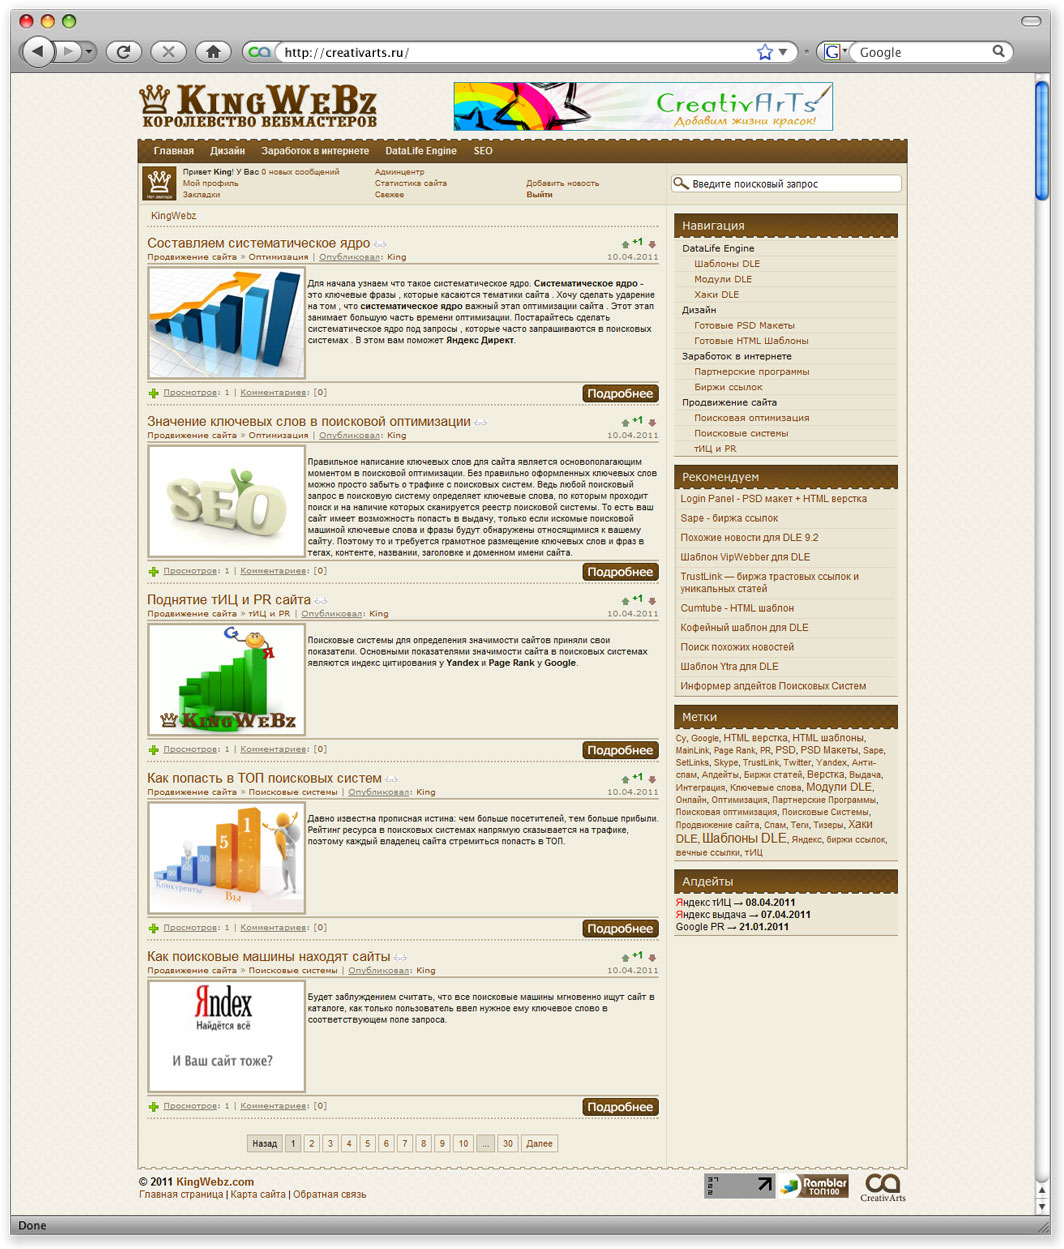 Сайт для веб-мастеров KingWebz купить